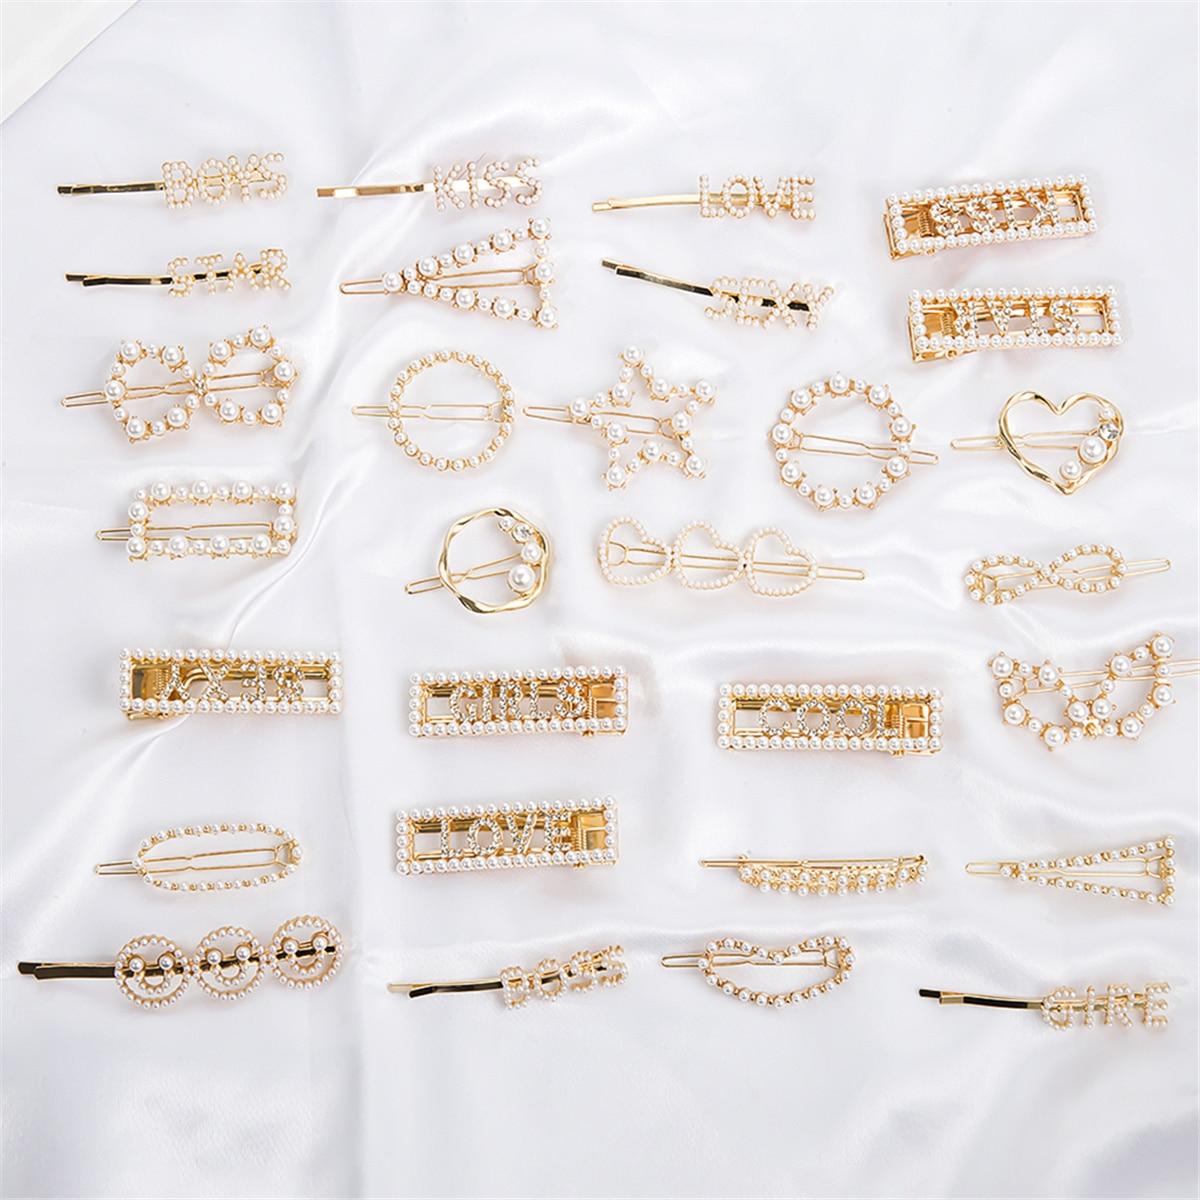 Pasadores de perlas de imitación coreanos para mujer, horquillas de pelo de cristal de boda elegante, 29 estilos, herramientas de estilismo de belleza